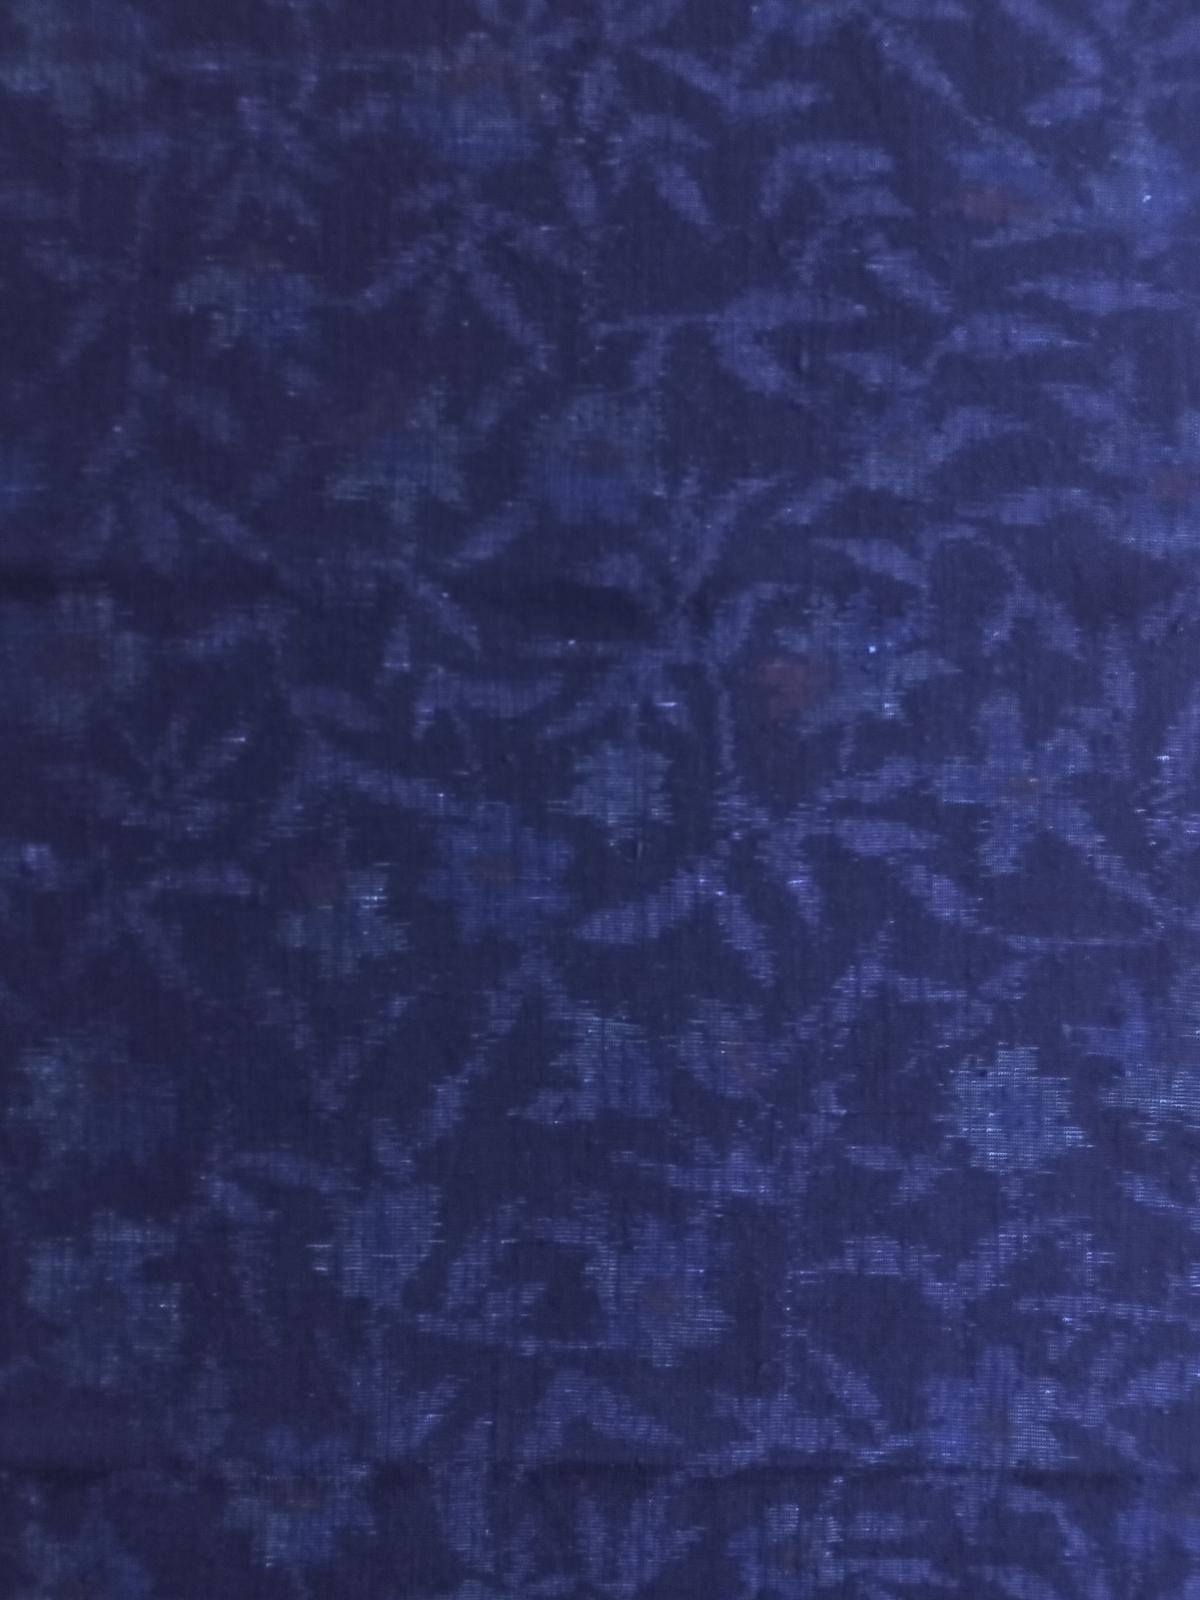 f:id:uribouwataru:20210525052517j:plain